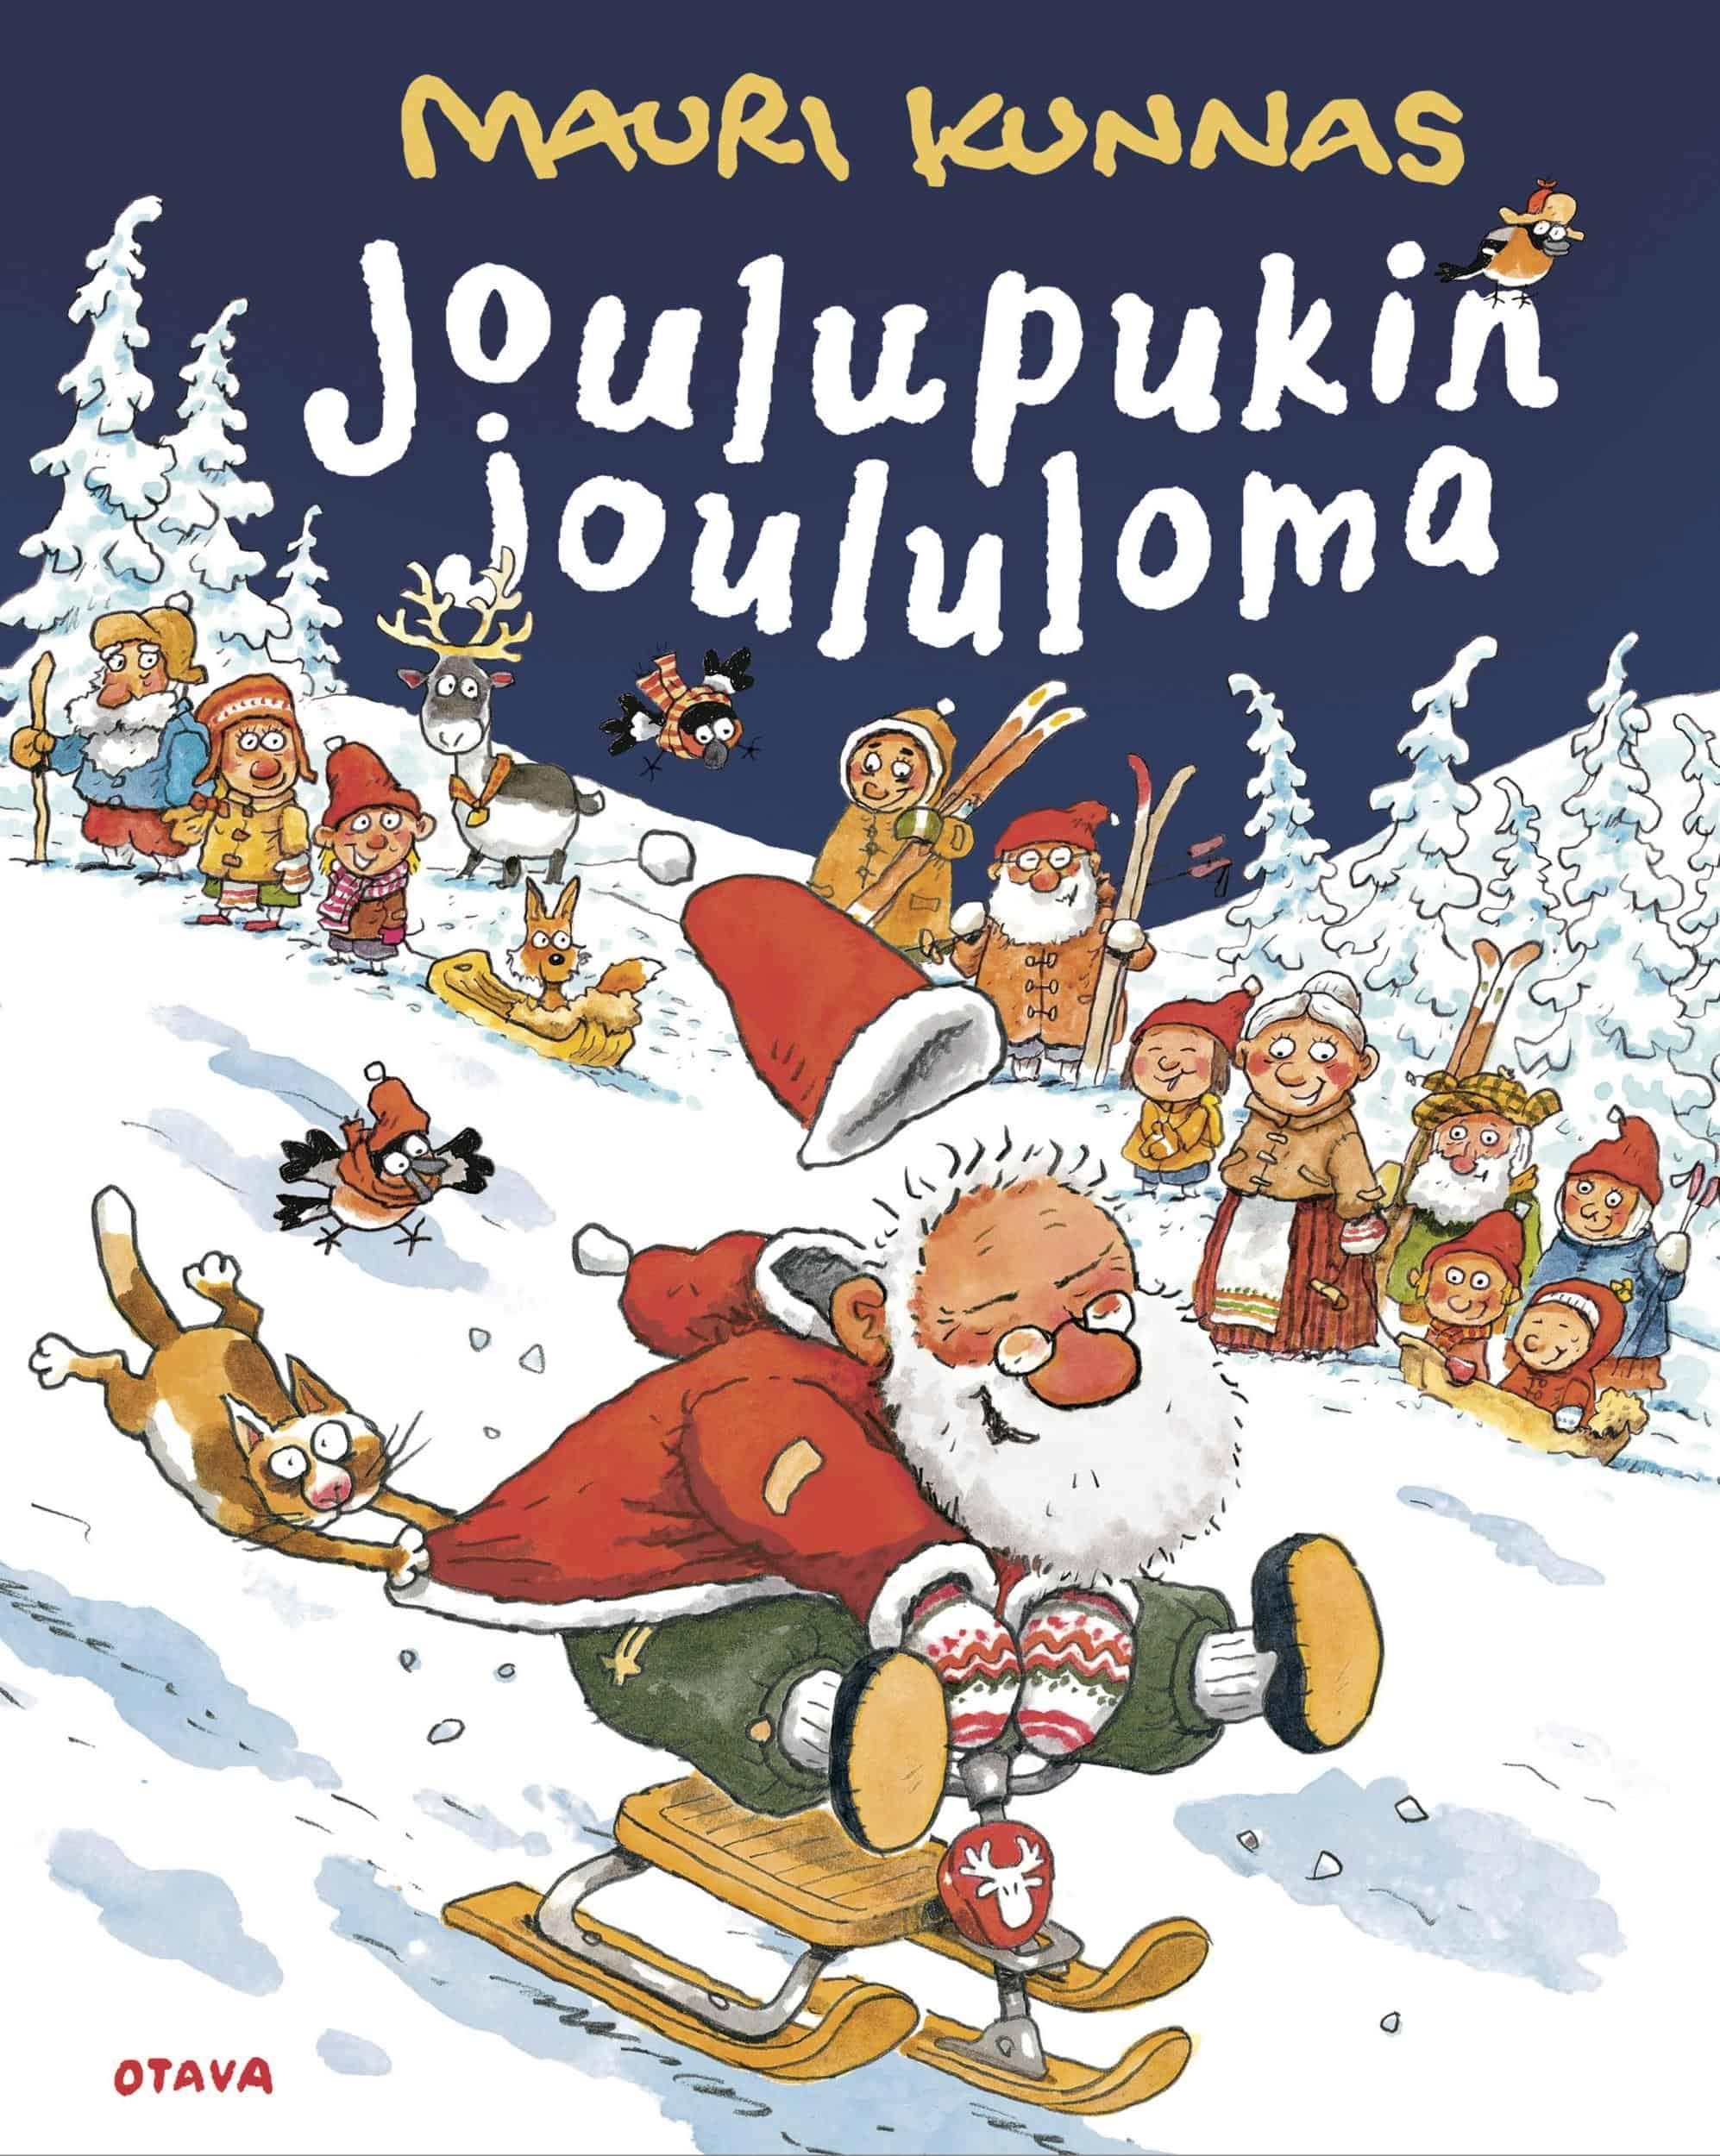 Joulupukin joululoma